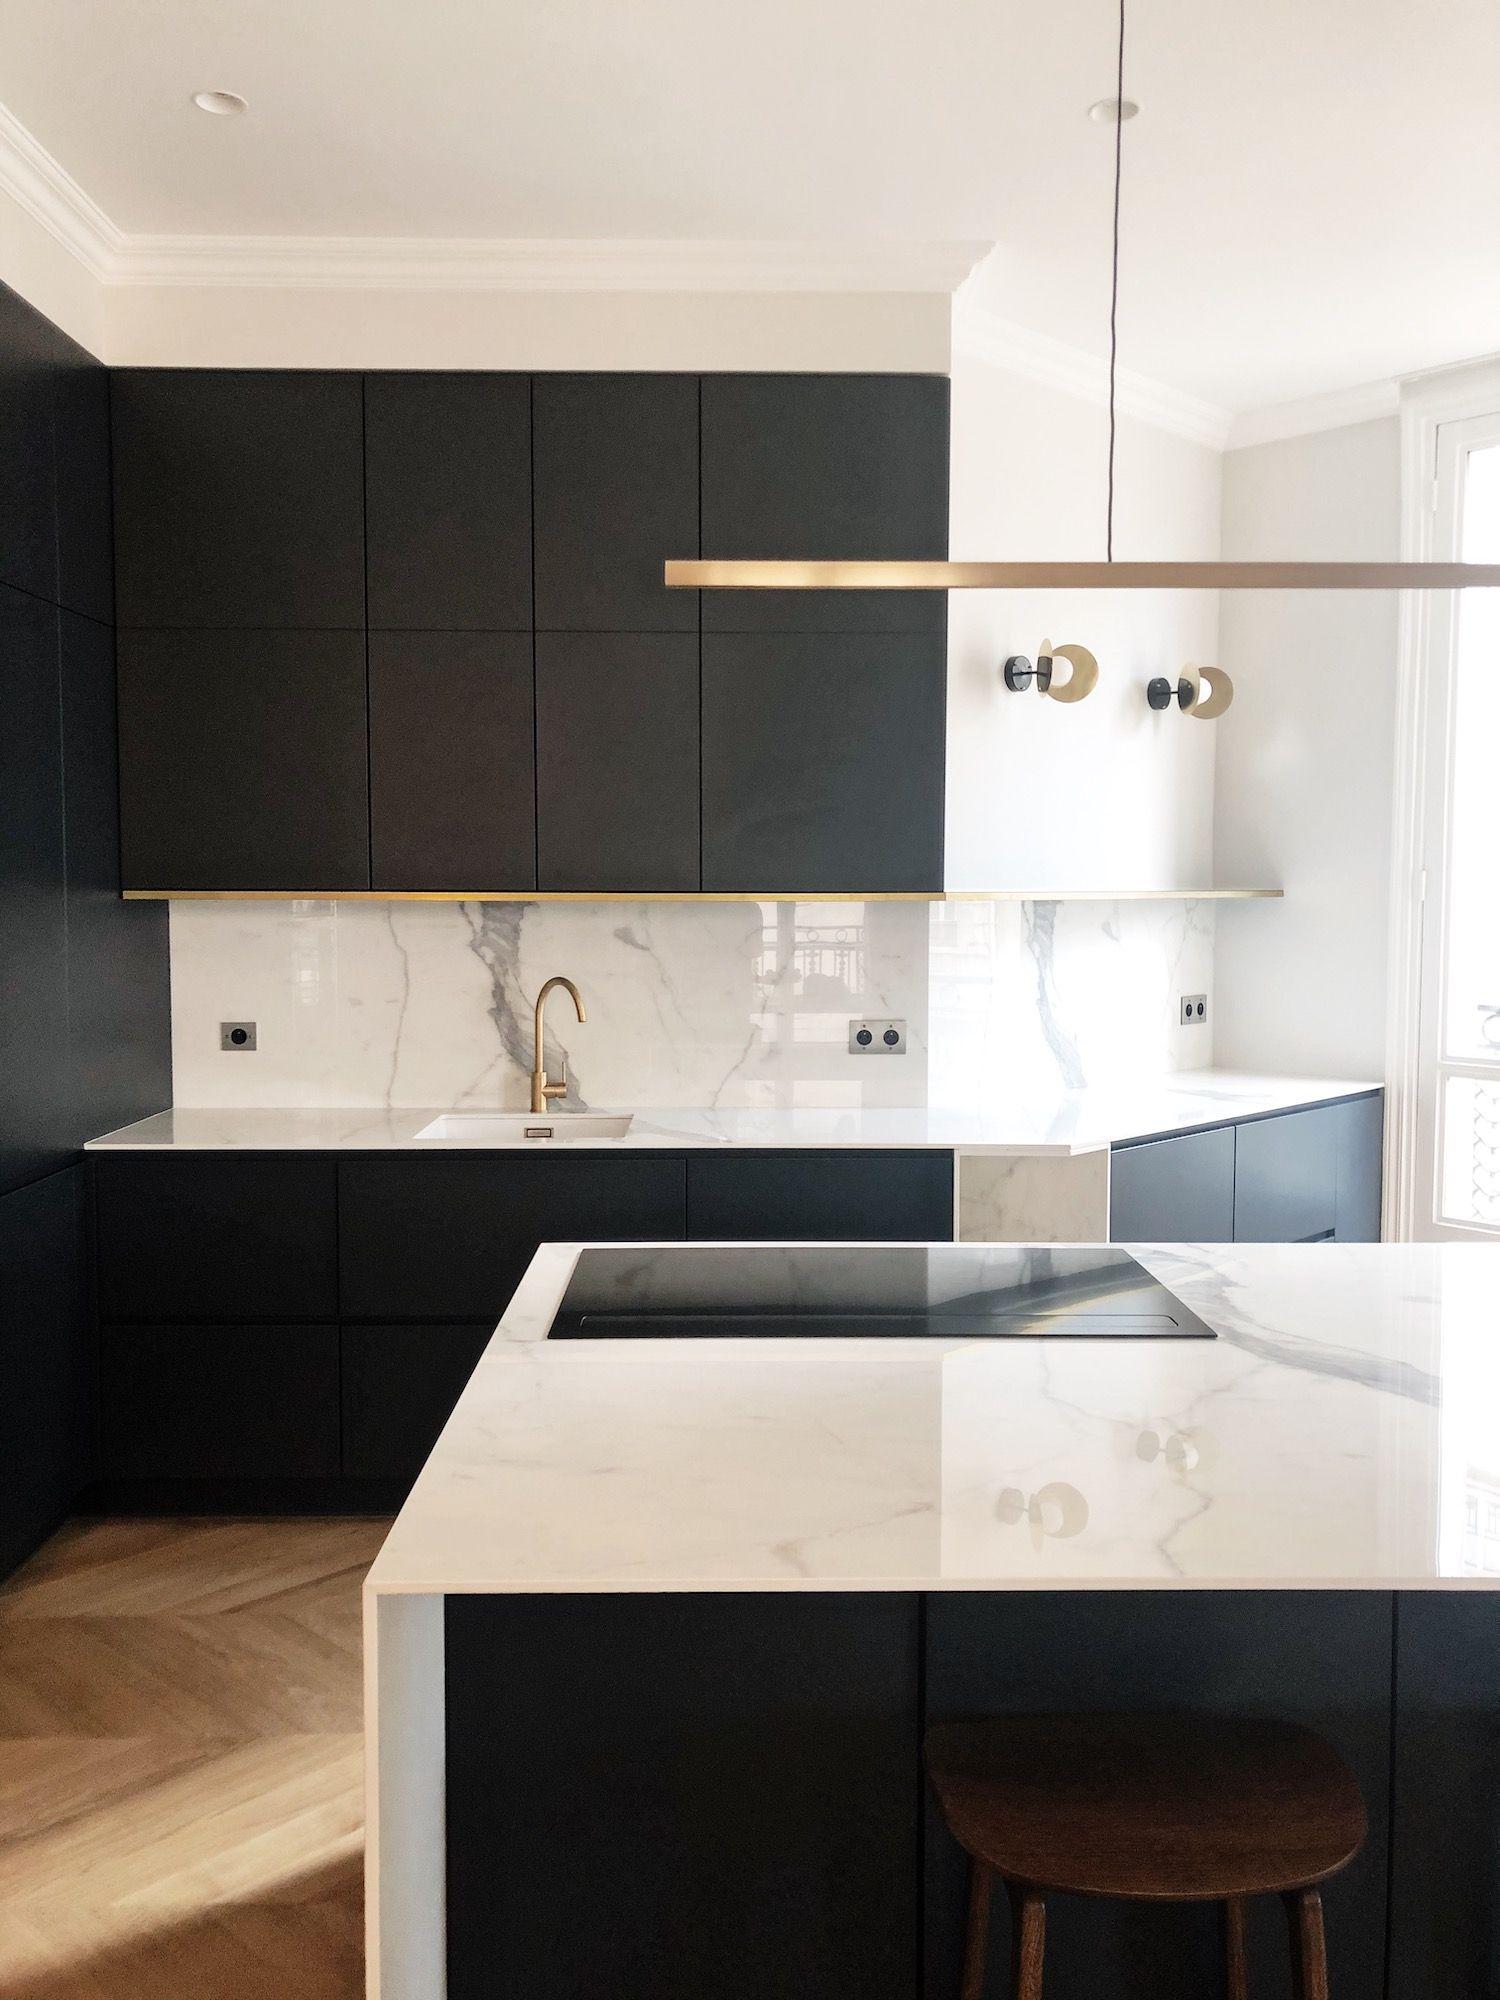 Plan Travail En Quartz emile augier | cuisines design, interieur design, cuisine